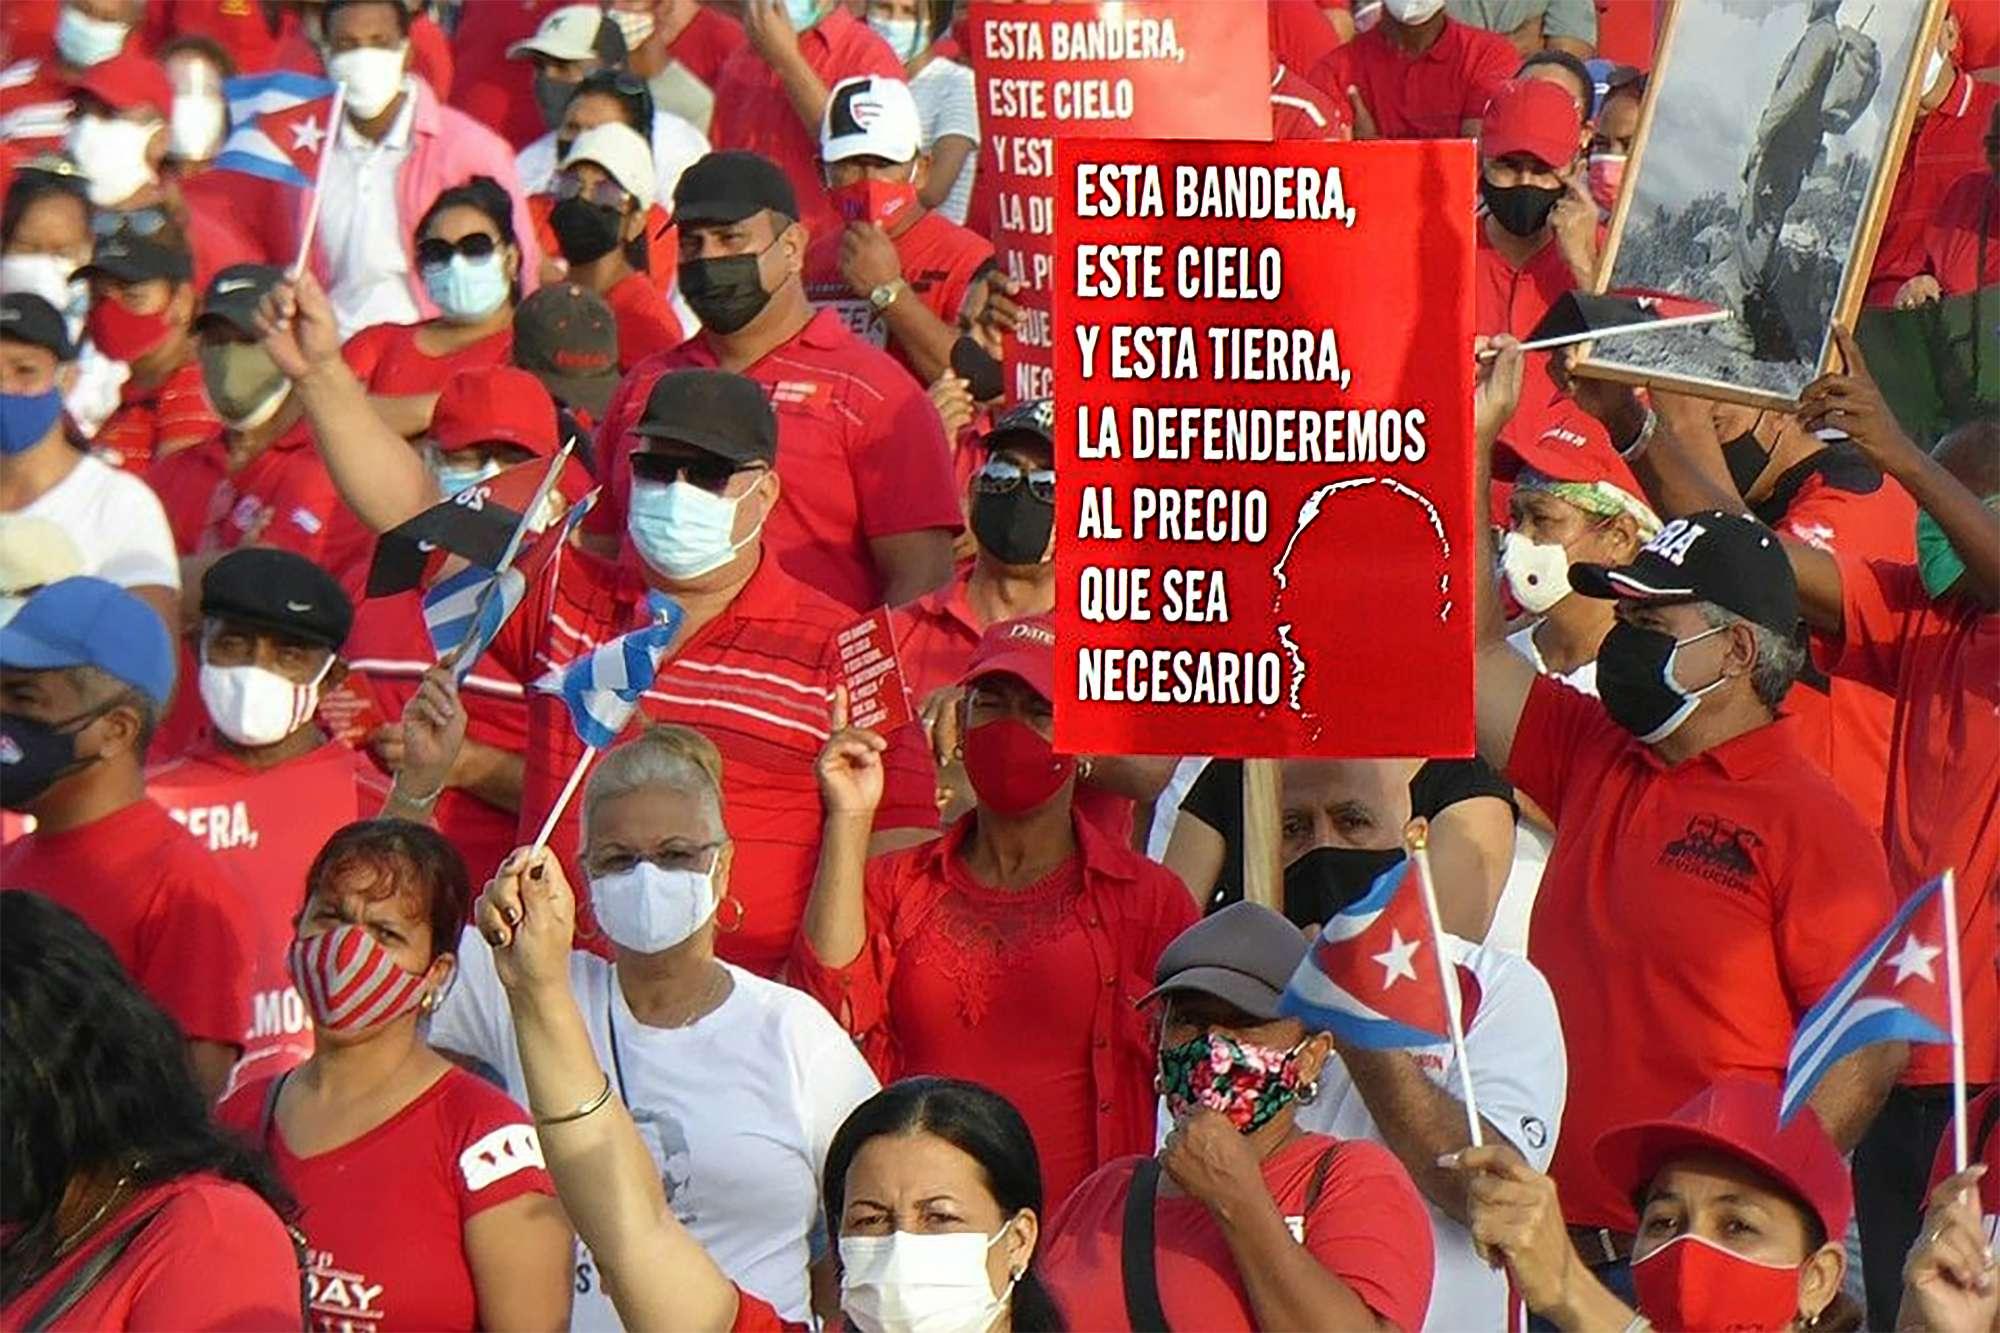 Todo el pueblo se levanta por la soberanía la defensa y la seguridad de Cuba